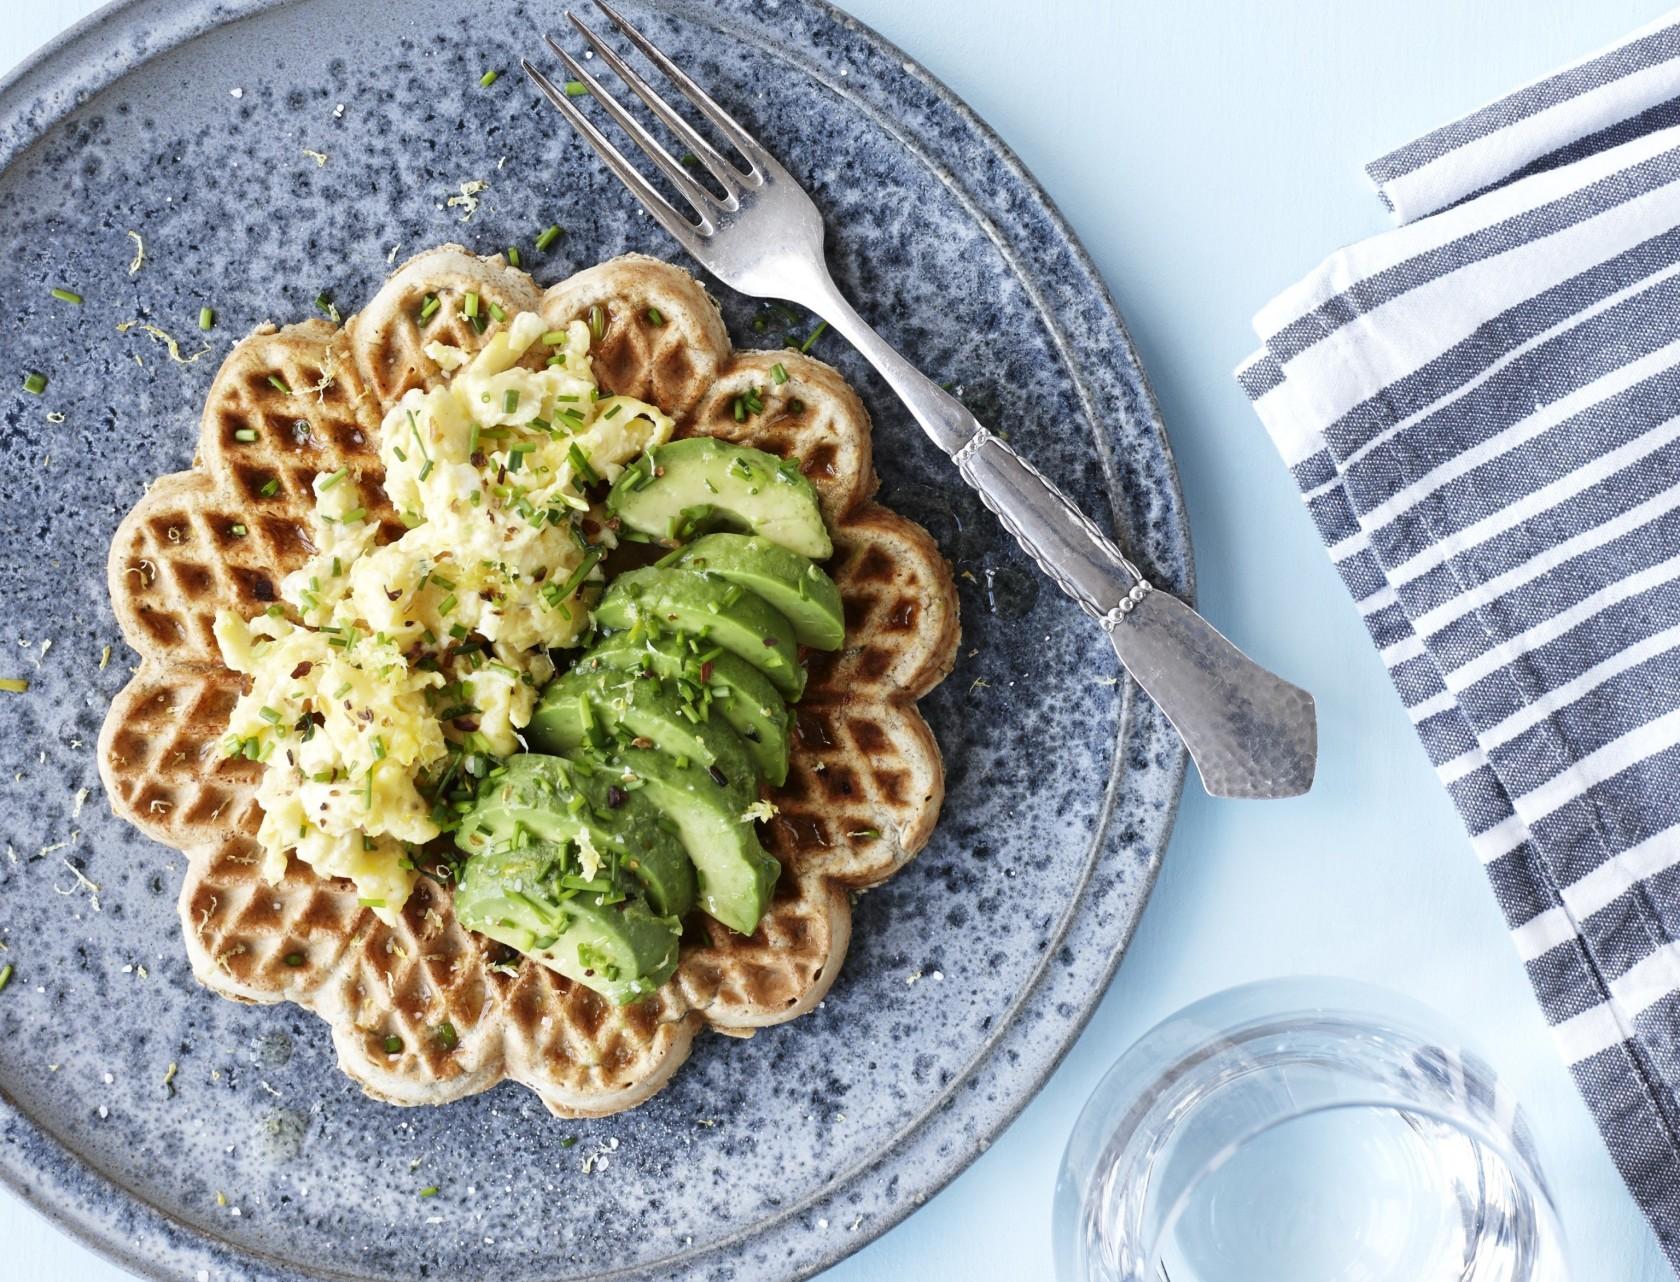 Rugvafler med røræg og avocado - perfekt sund morgenmad eller frokost!